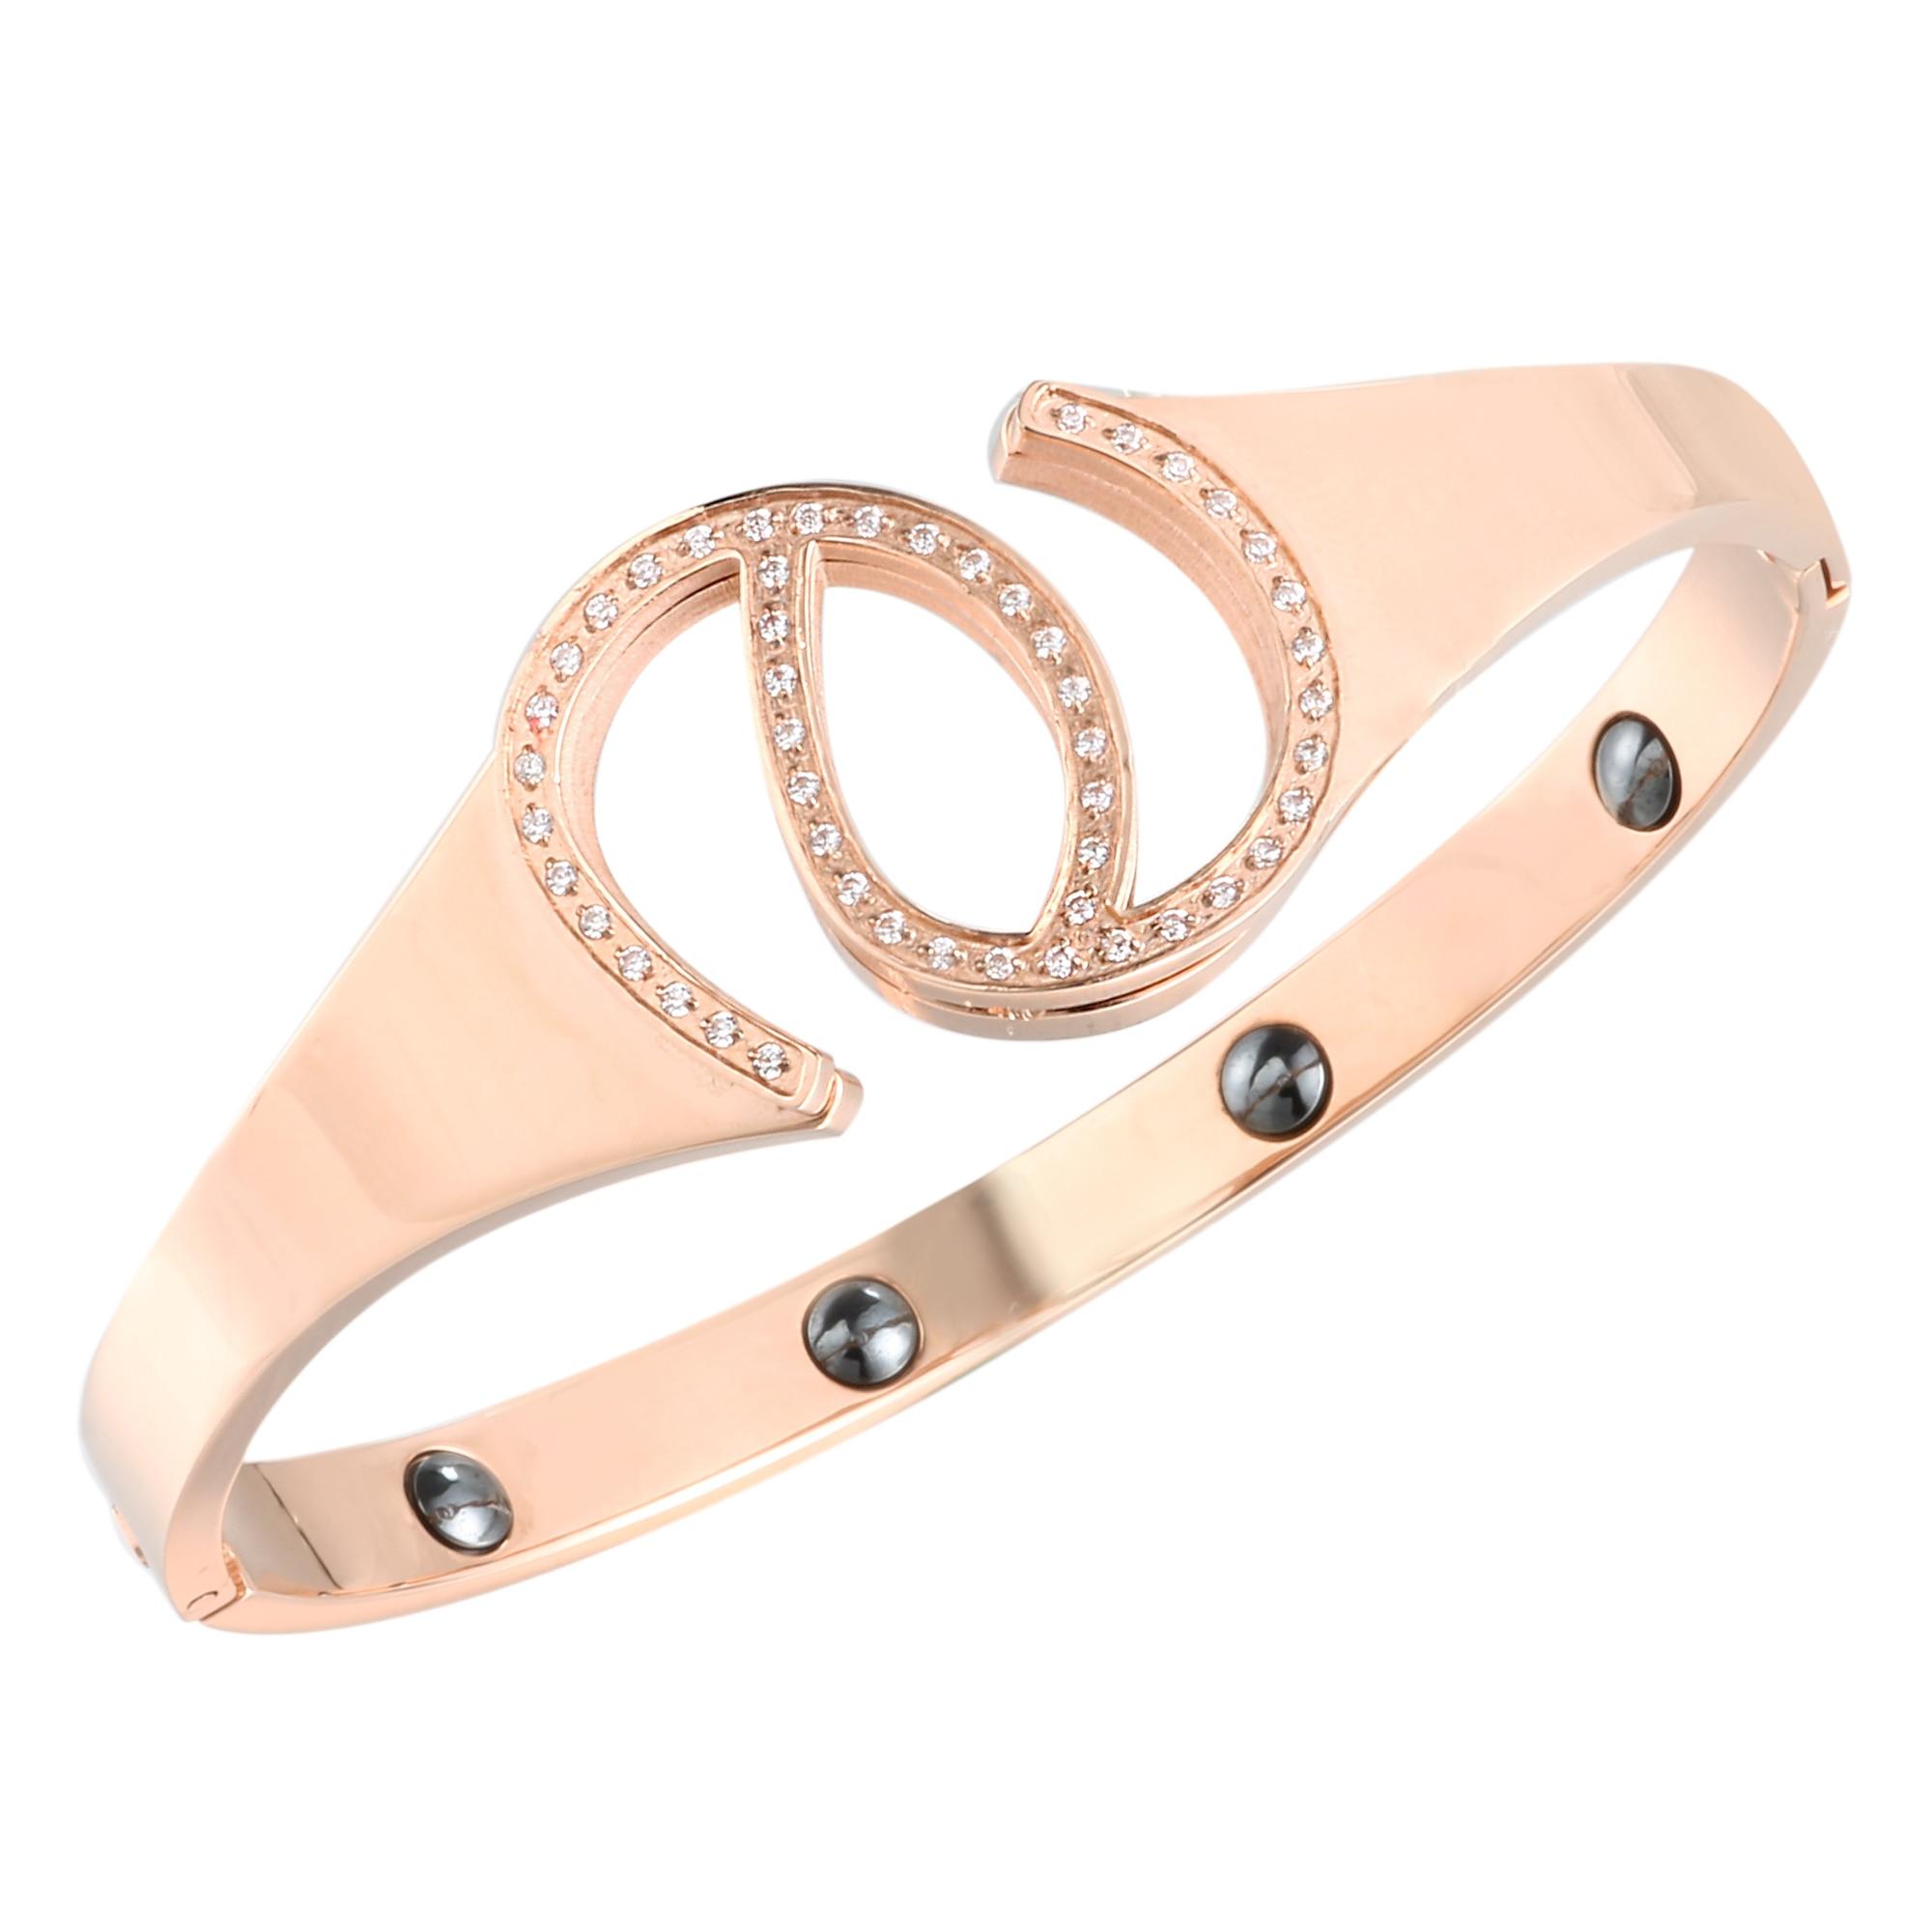 Brazalete de imán de cuidado de la salud para mujeres y hombres, brazalete de acero inoxidable, brazalete de regalo para promover la circulación sanguínea